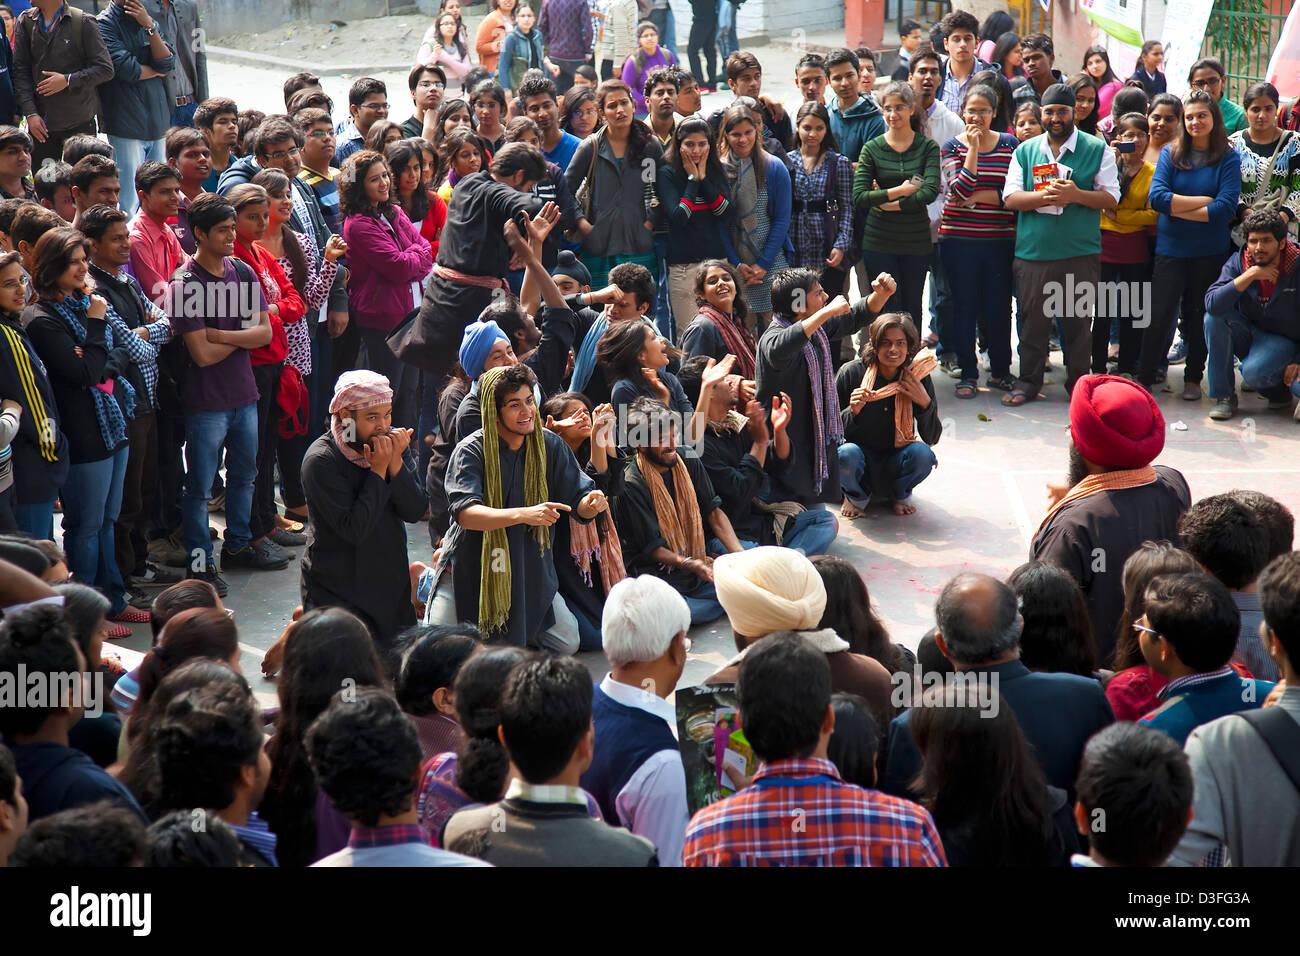 College student,animation,les jeunes,adultes,rue jouer jeunesse culture,beaucoup de gens,performing art event,le Photo Stock